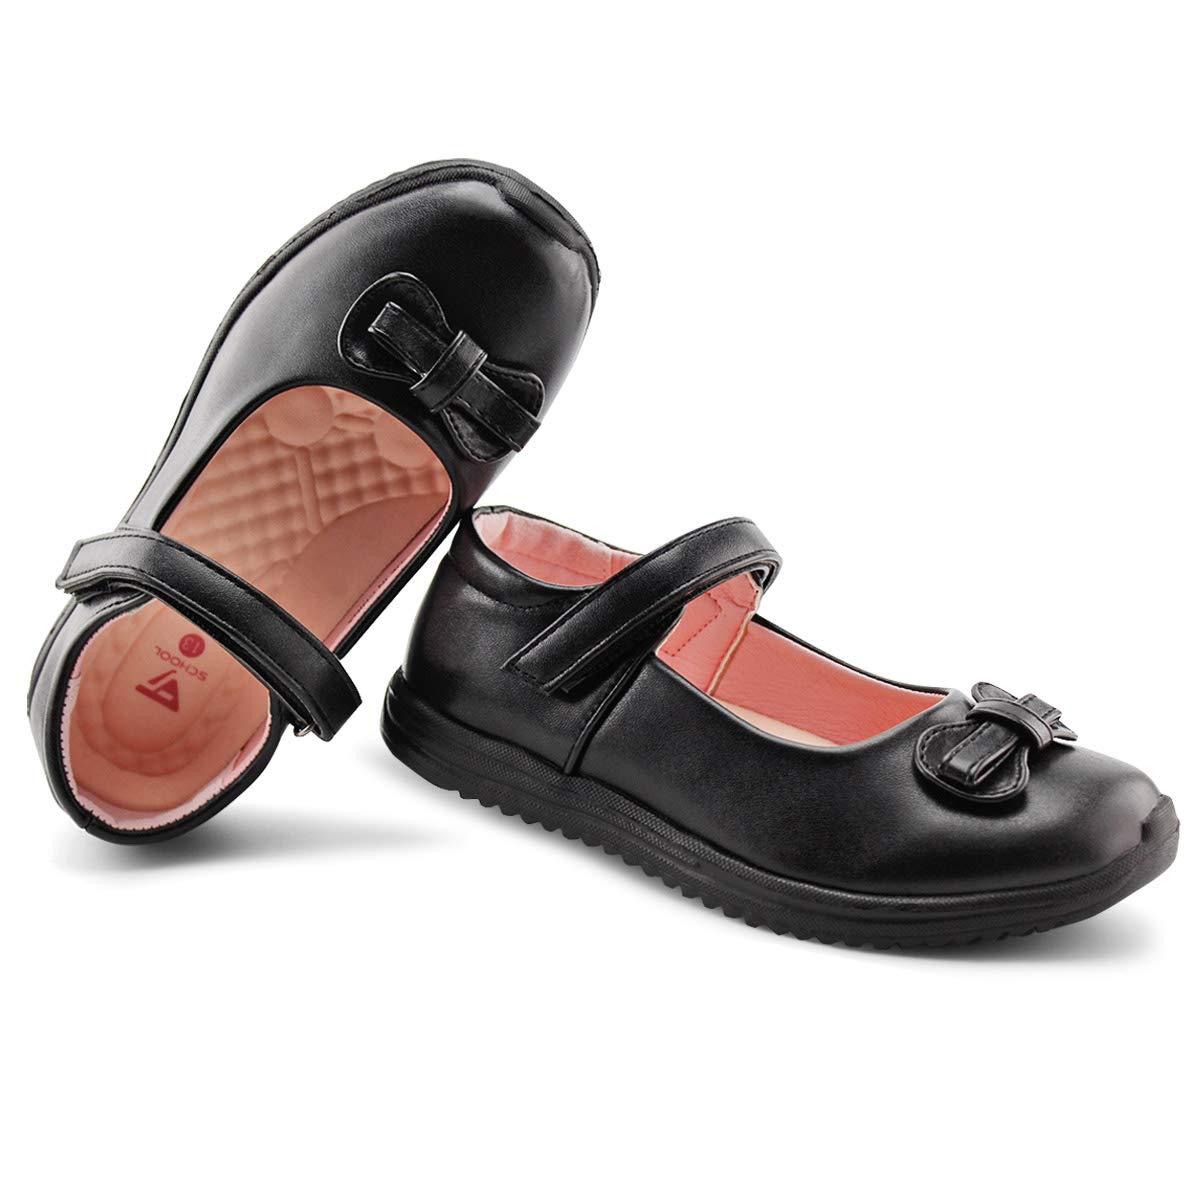 3,Black JABASIC Girls School Dress Shoes Mary Jane Flats